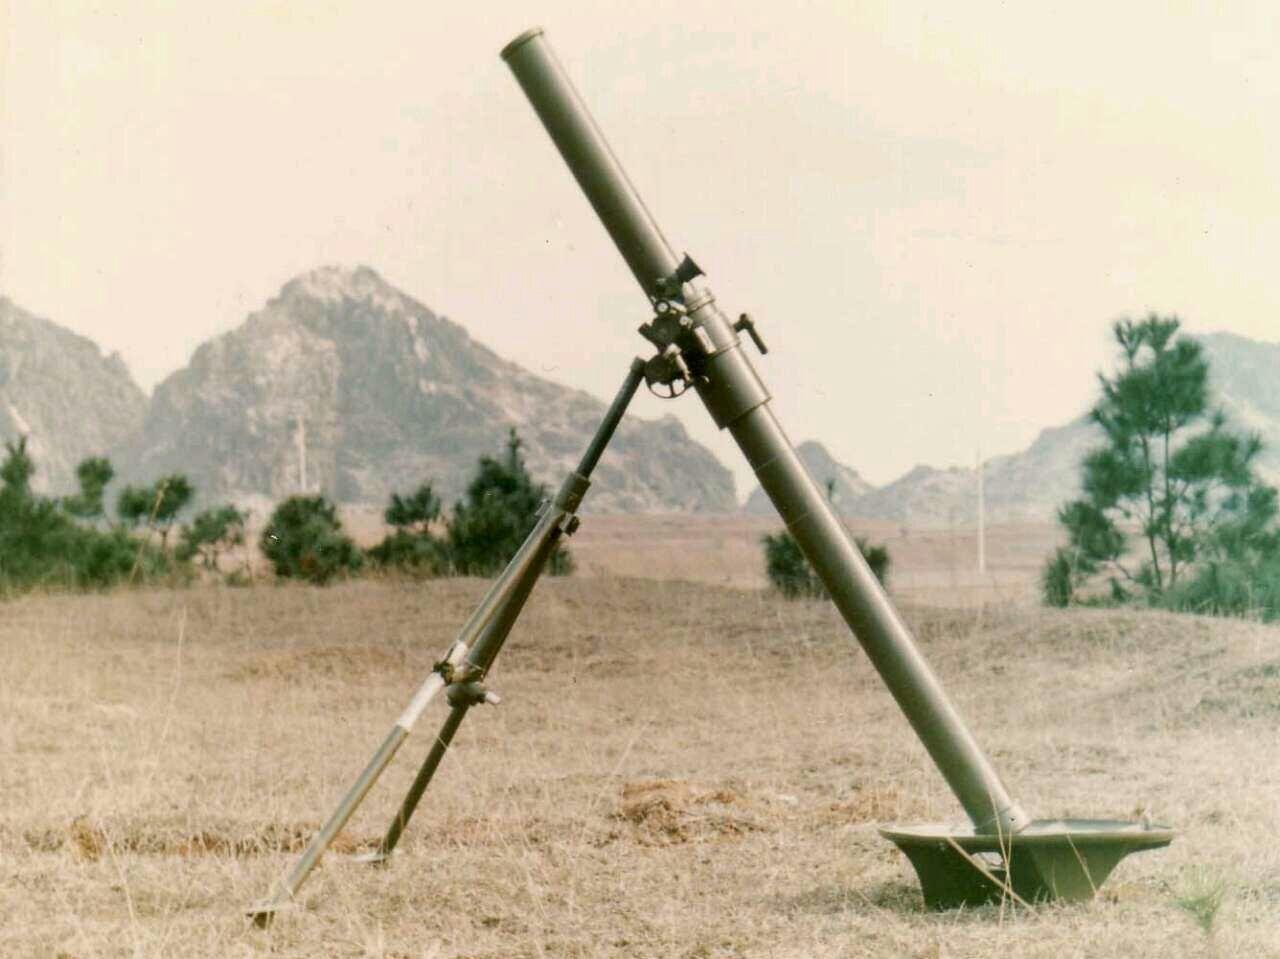 女的那啥为什么叫迫击炮 迫击炮为什么叫流氓炮